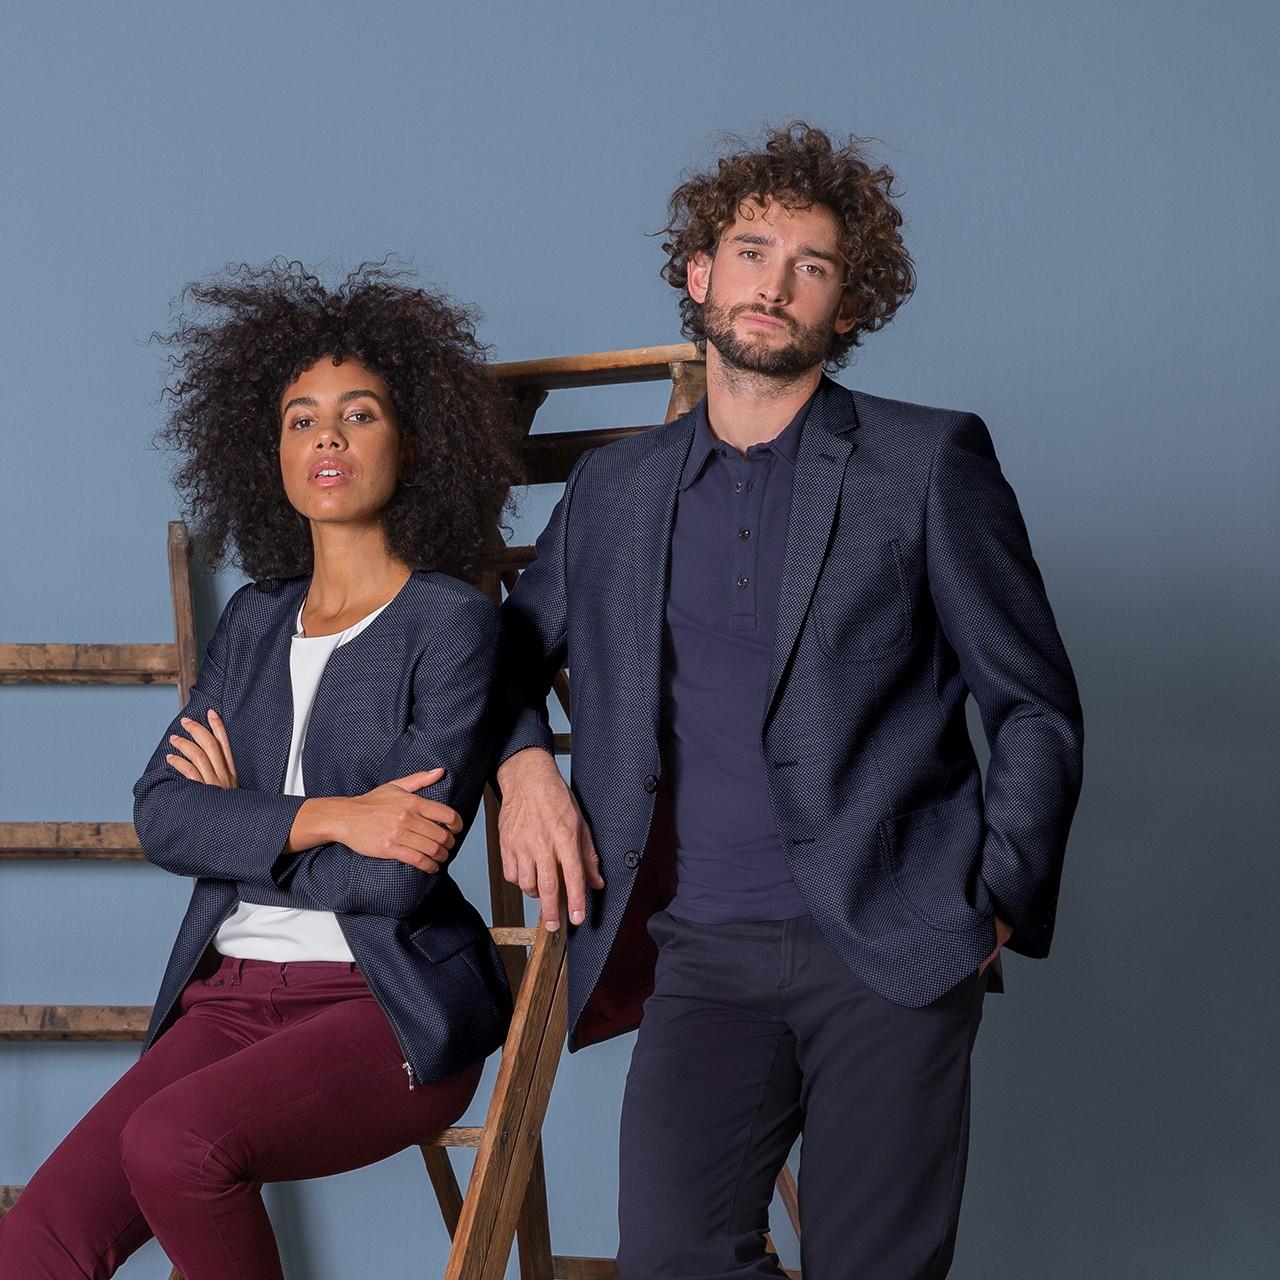 Herren Casual Sakko Blau Strukturiert Regular Fit Greiff® | bedrucken, besticken, bedrucken lassen, besticken lassen, mit Logo |